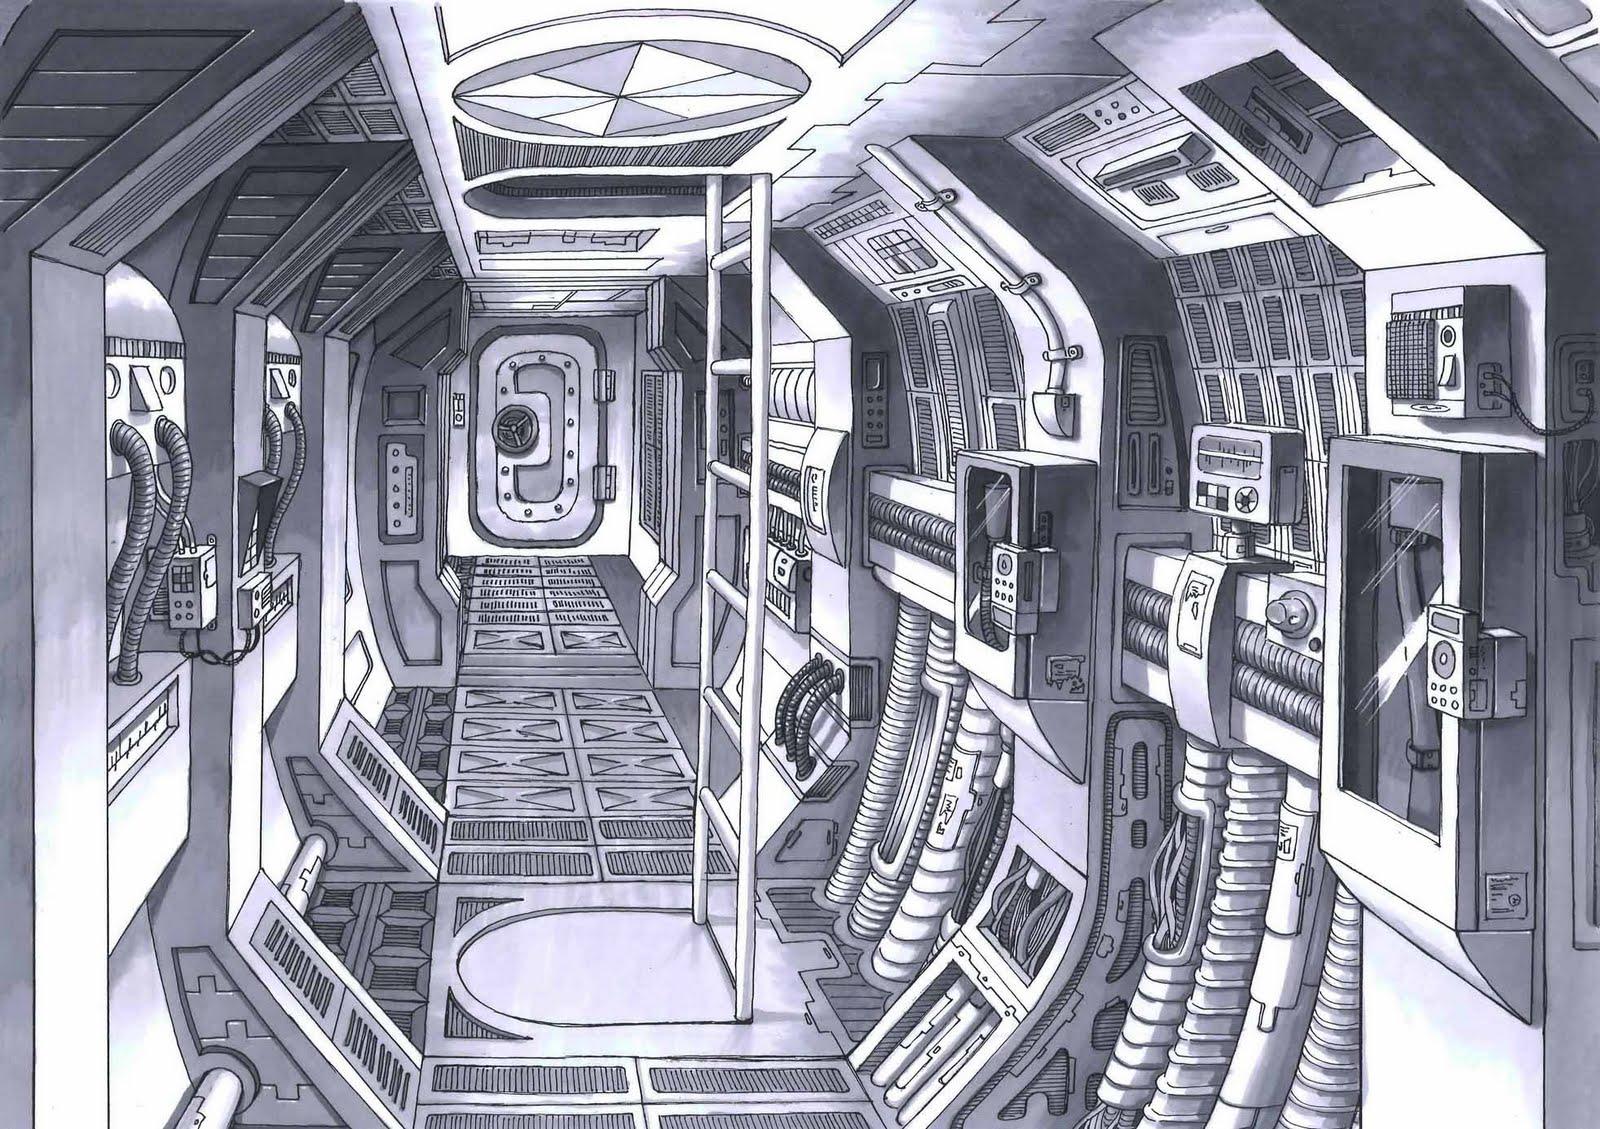 future spacecraft interior - photo #26